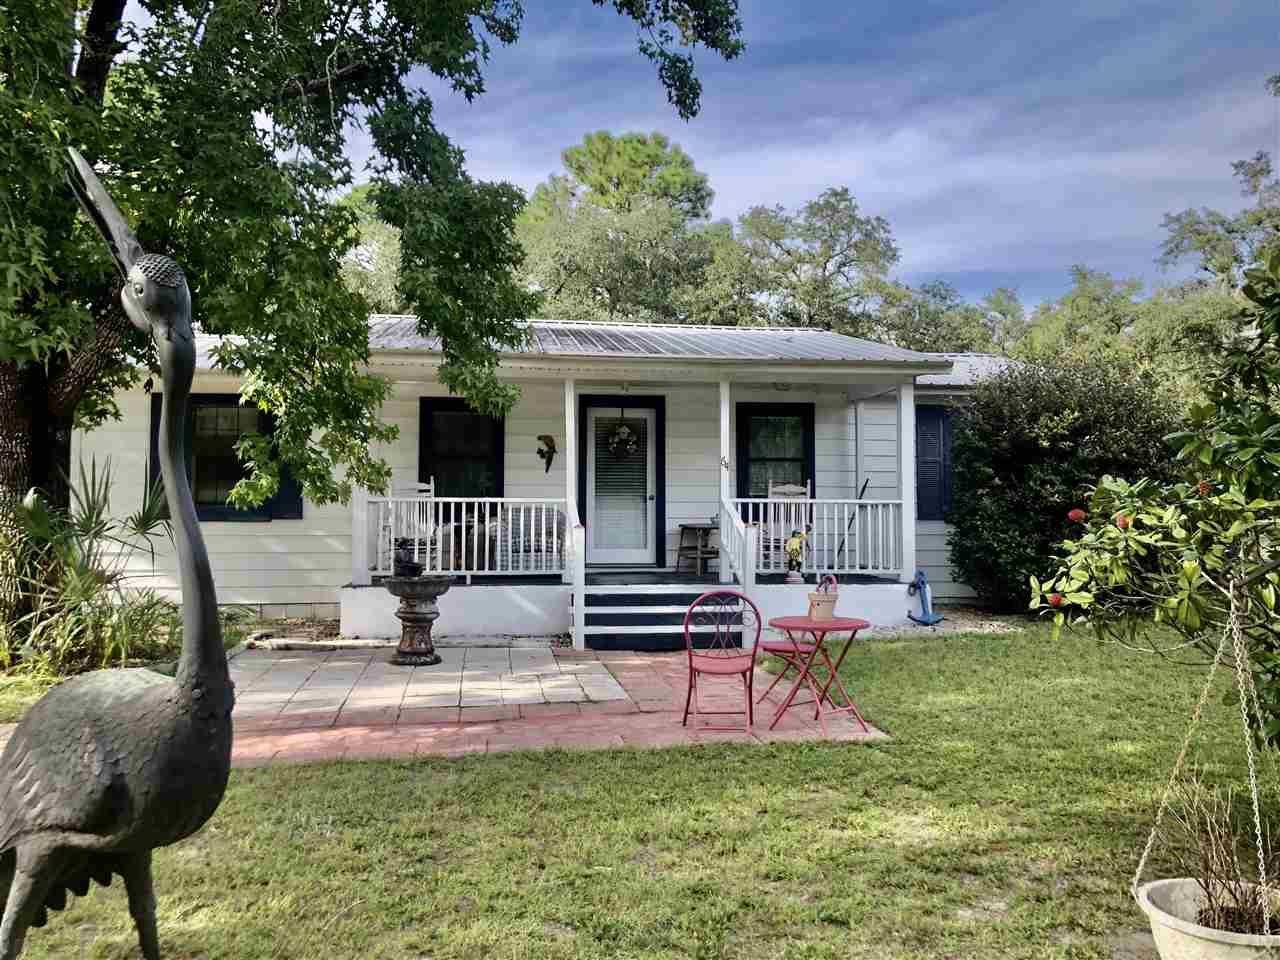 64 Lake Ave, Panacea, FL 32346 - MLS#: 323704